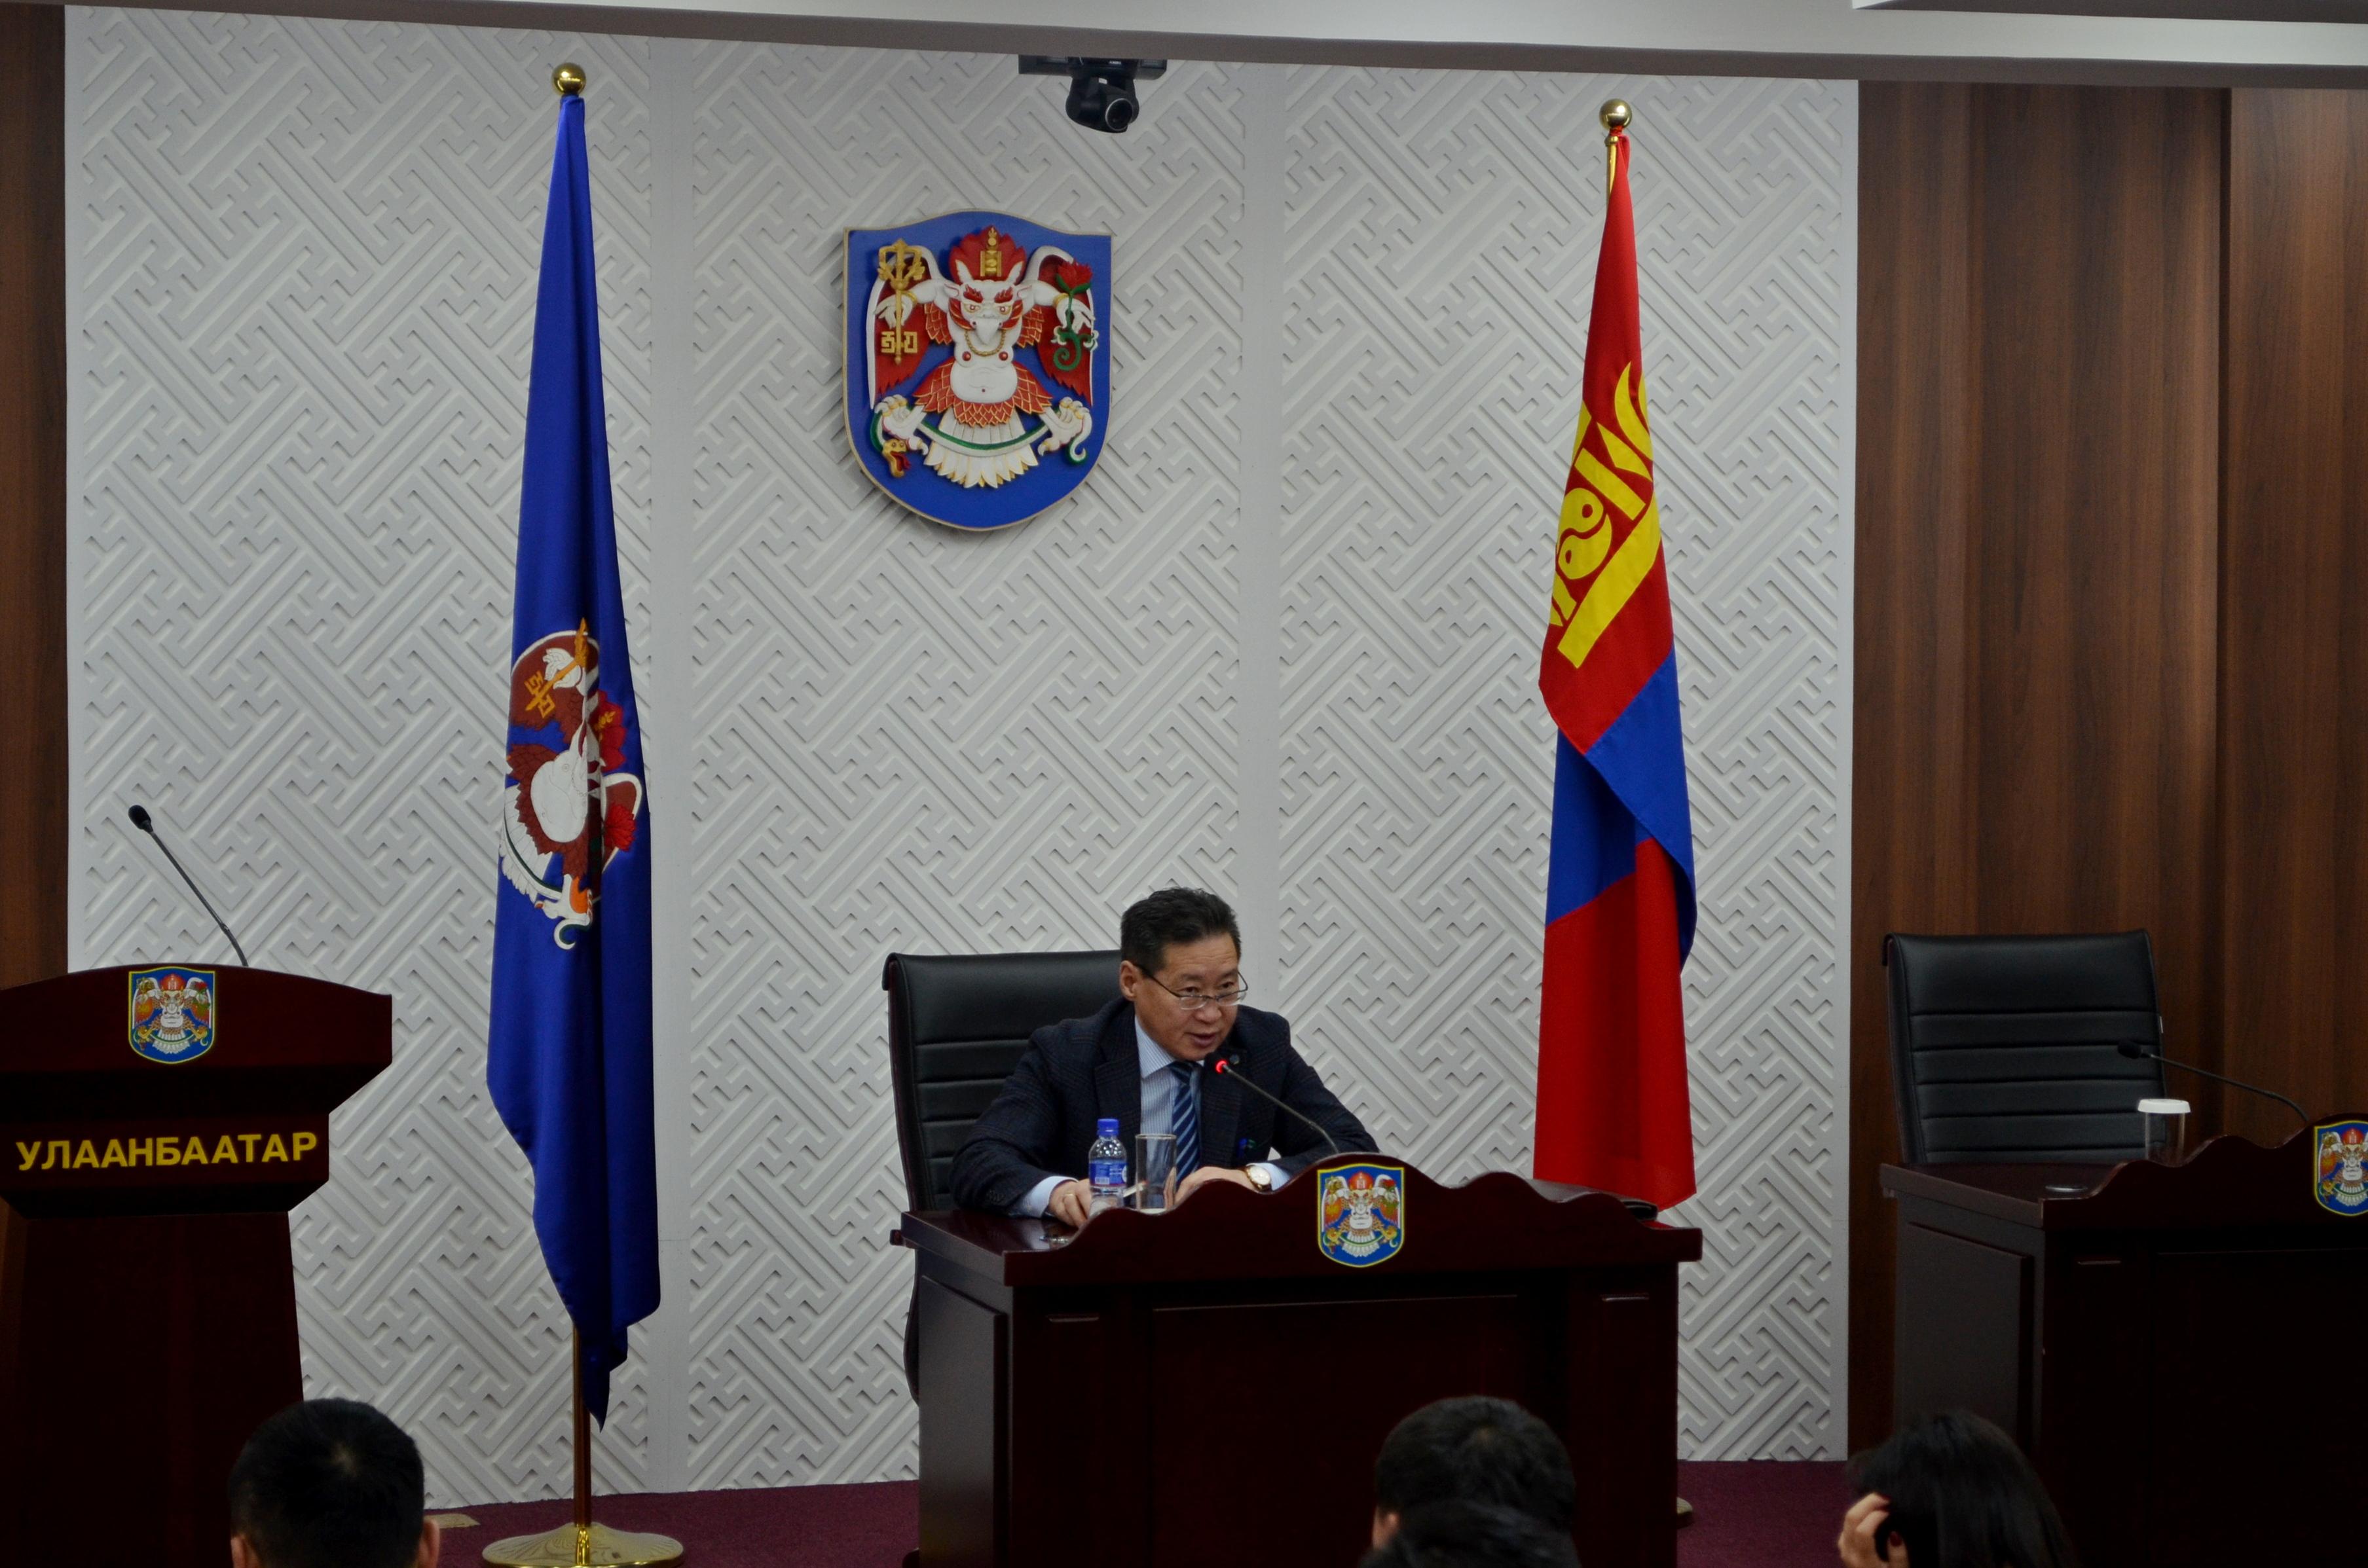 Улаанбаатар хотын Ерөнхий менежерийн 2019 оны 04-р сарын 23-ны өдрийн шуурхай зөвлөгөөнөөр өгч буй үүрэг даалгавар